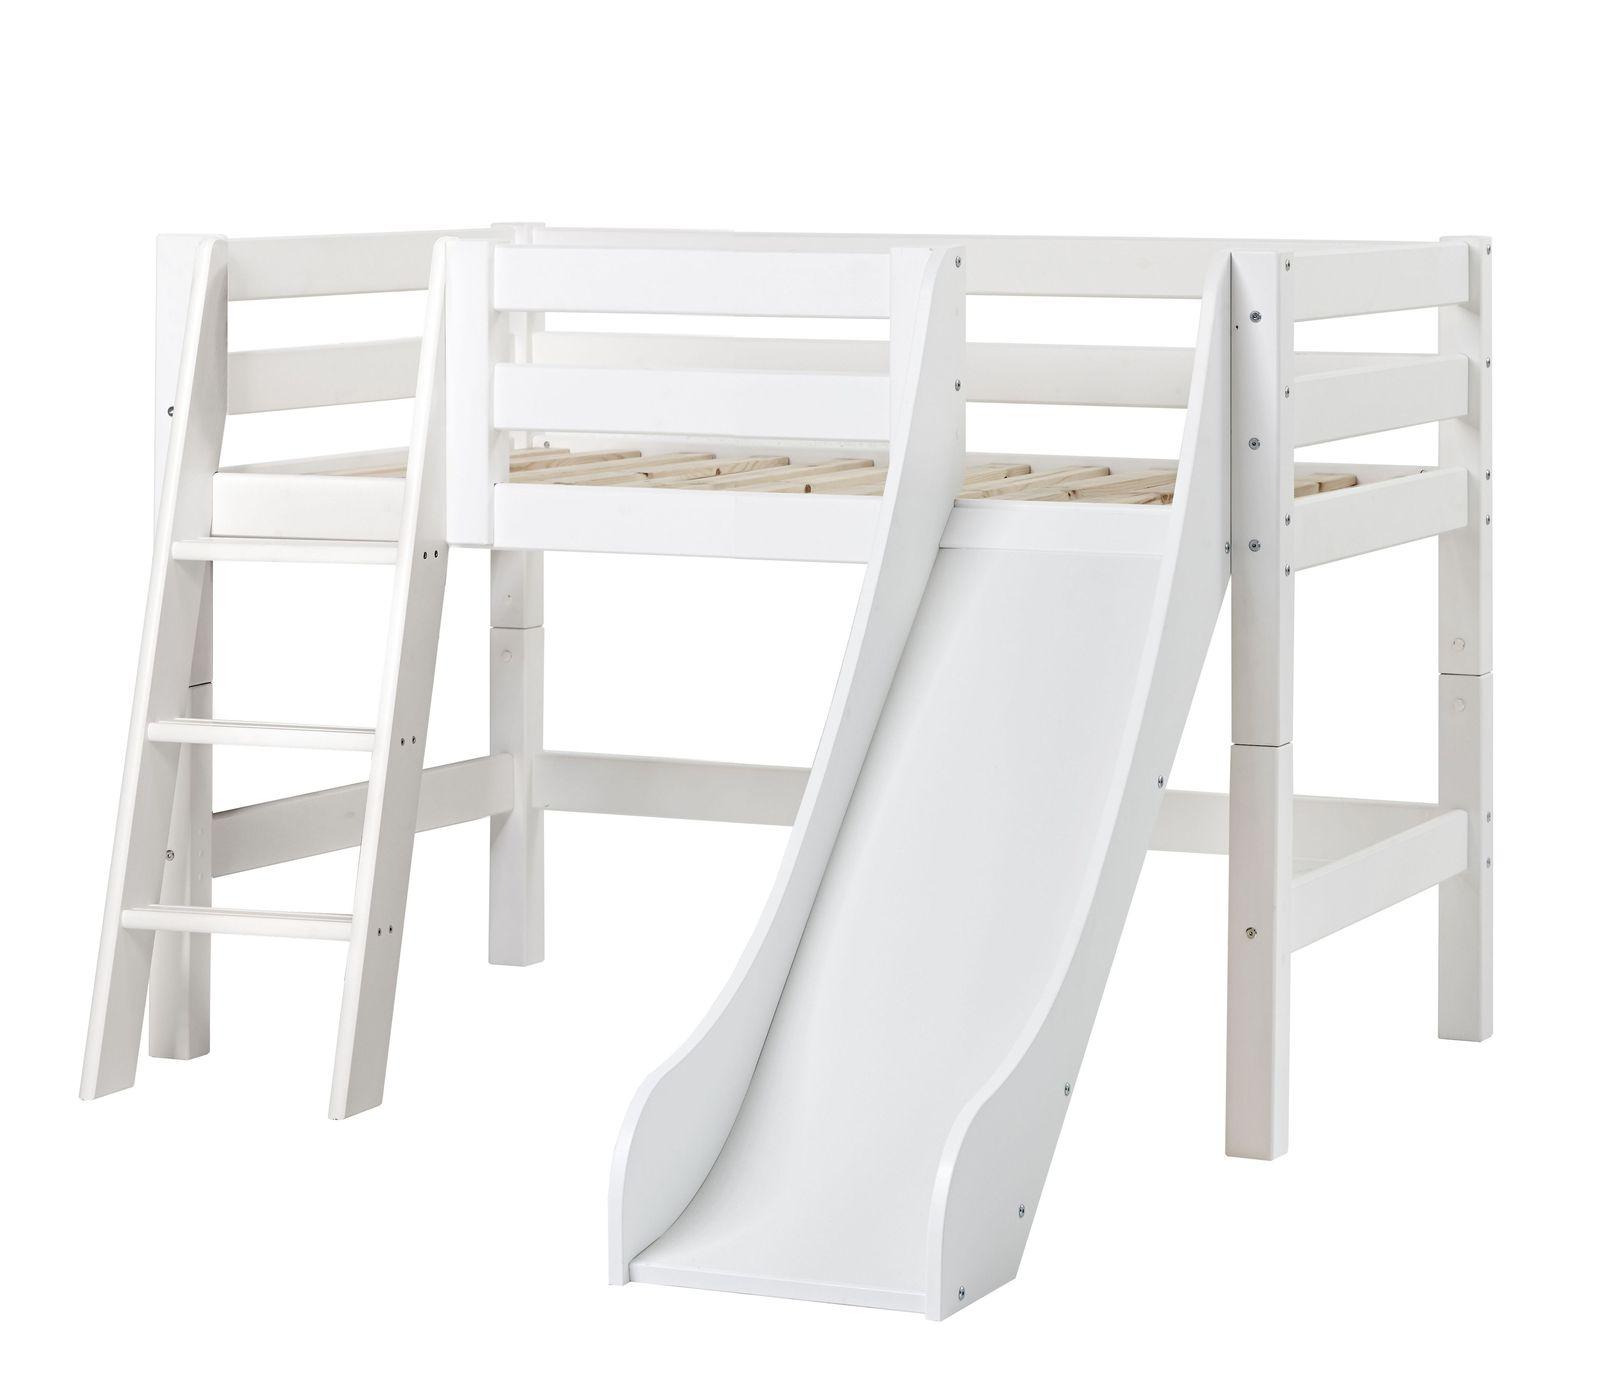 kinderhochbett mit schr ger rutsche. Black Bedroom Furniture Sets. Home Design Ideas